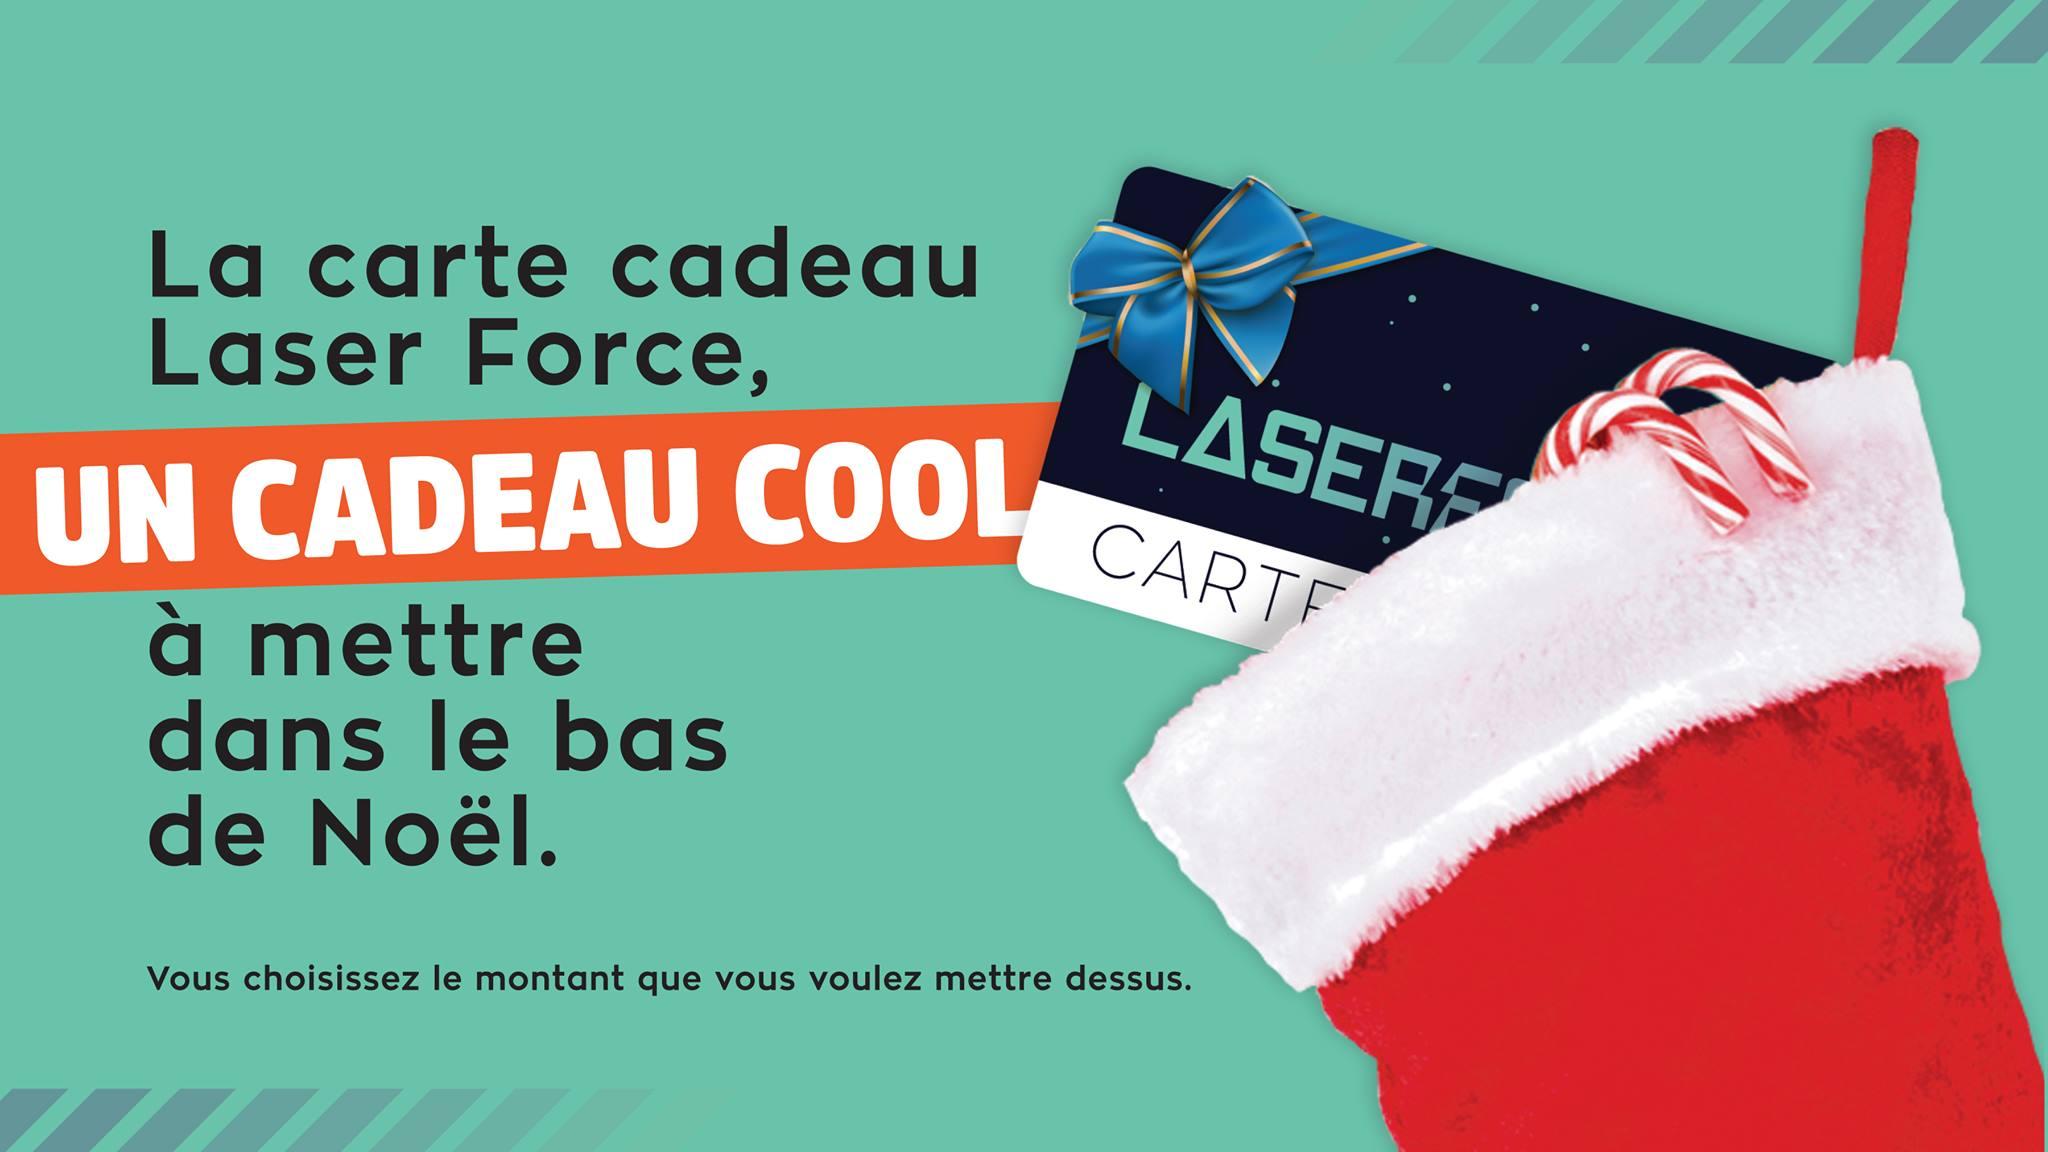 Carte cadeau Laser Force, un cadeau cool à mettre dans le bas de Noël